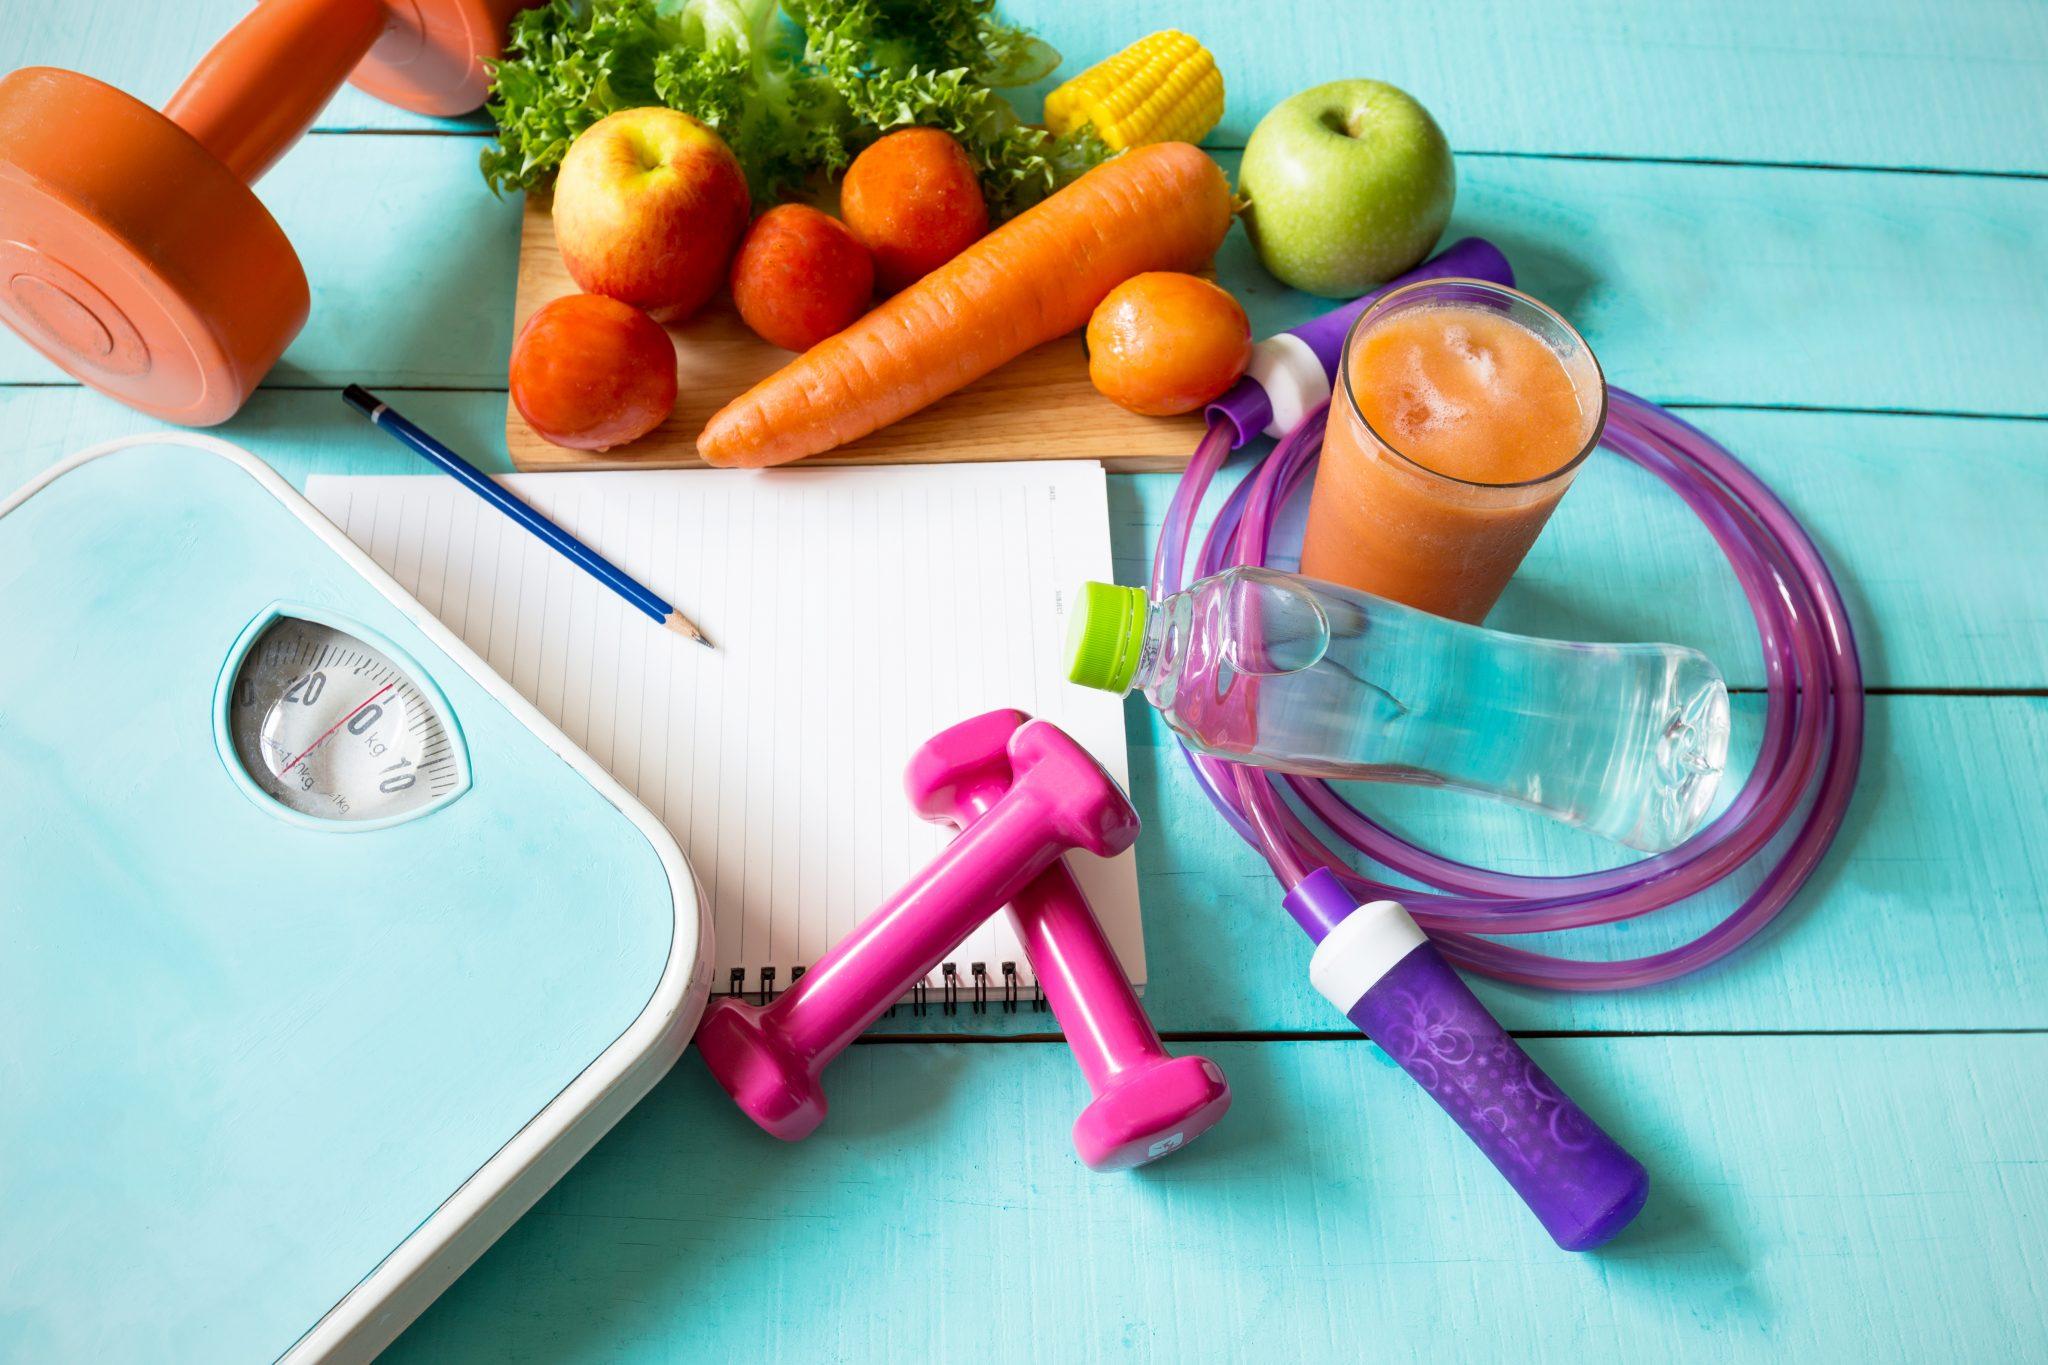 ダイエット器具と野菜